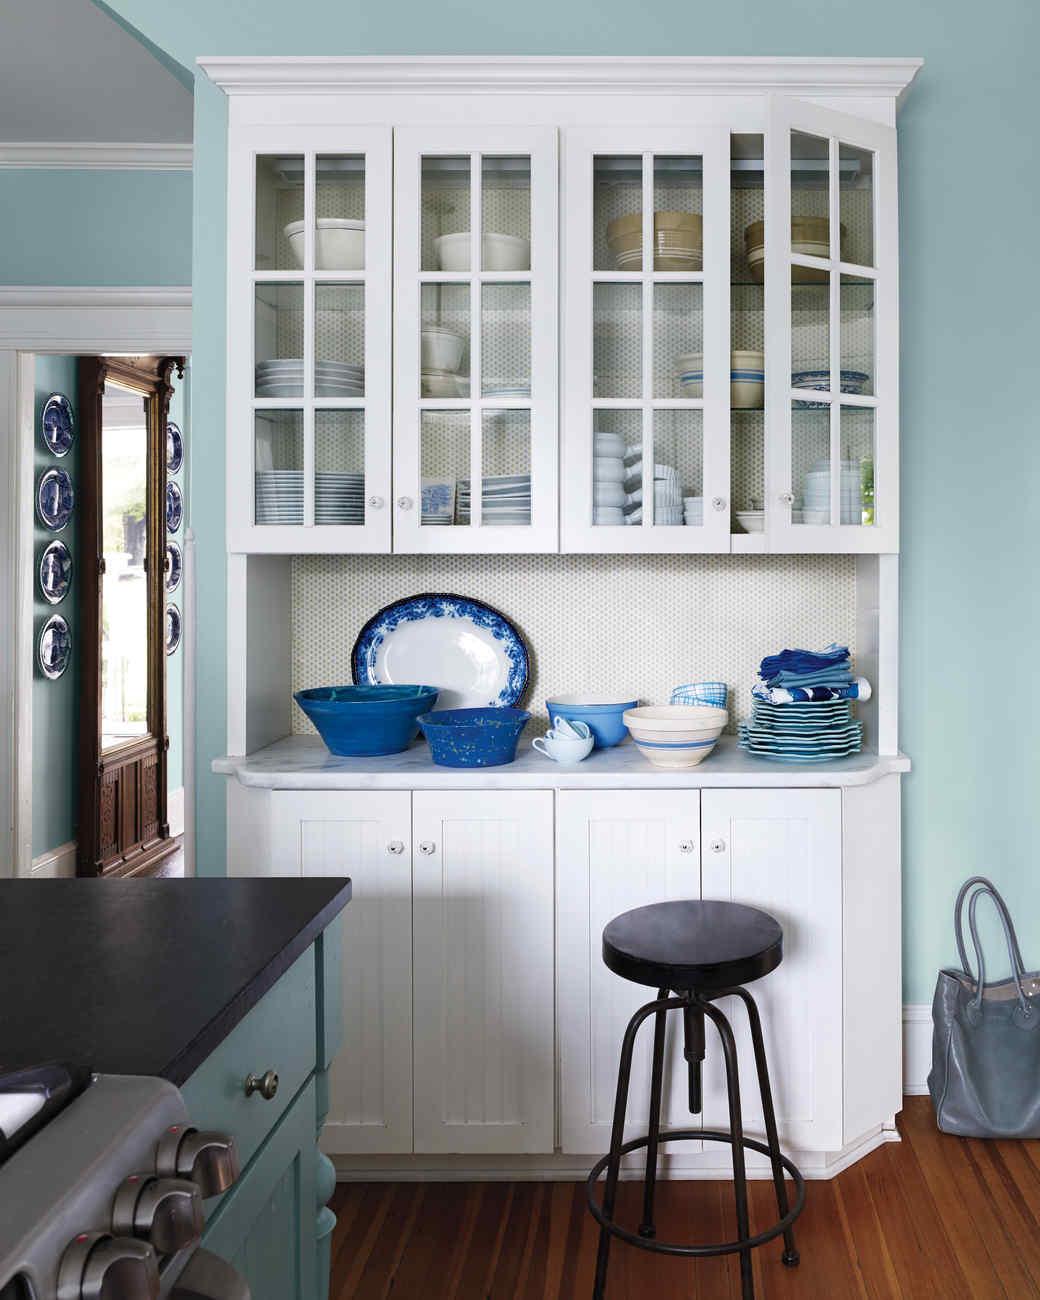 kitchen0199189-md110699.jpg